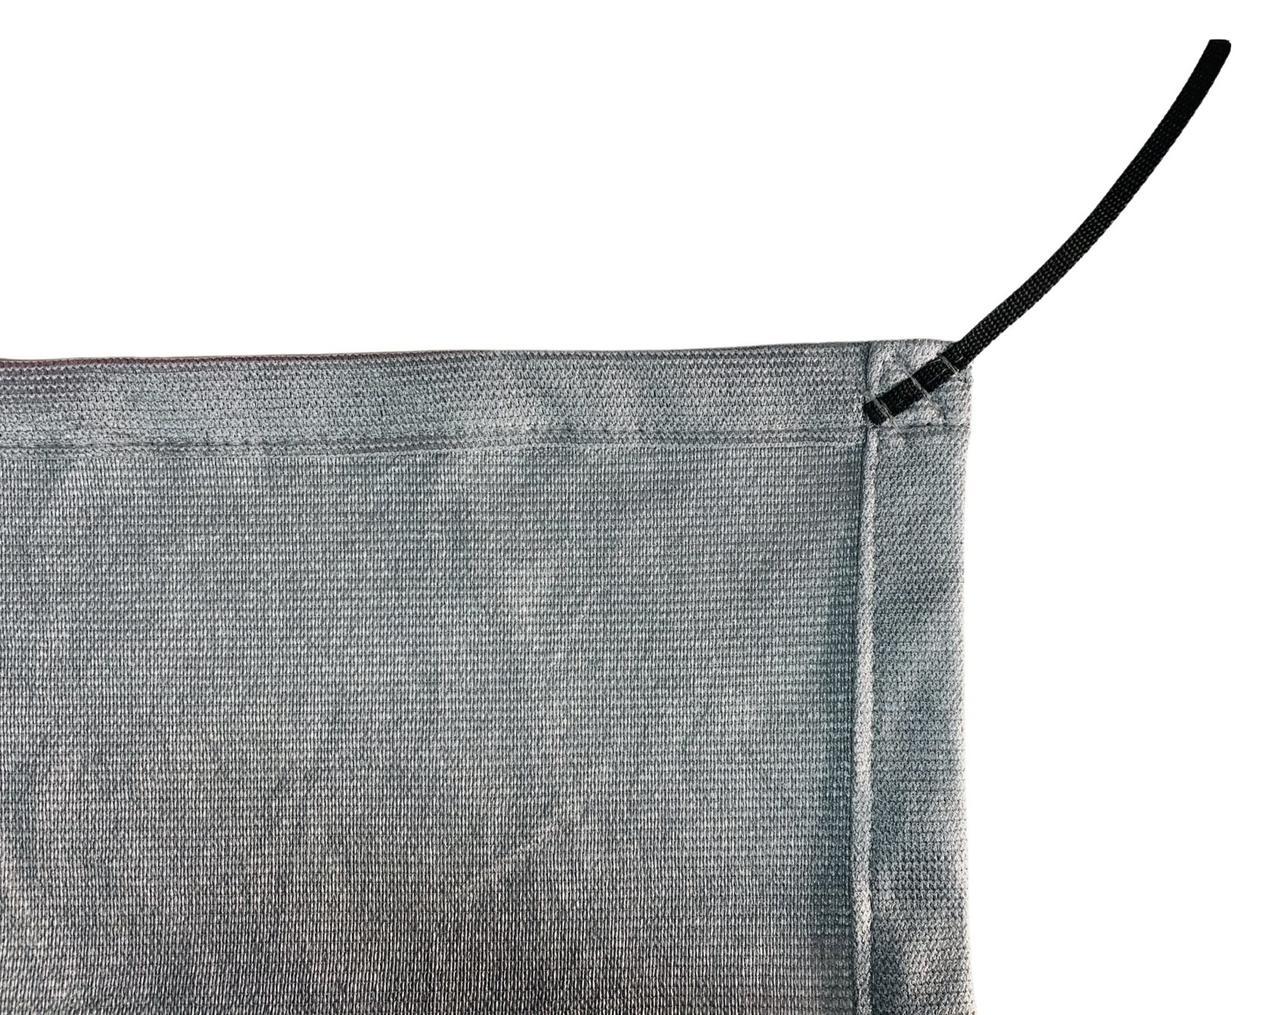 Tela de Sombreamento 90% Prata com Esticadores - Largura: 3,5 Metros